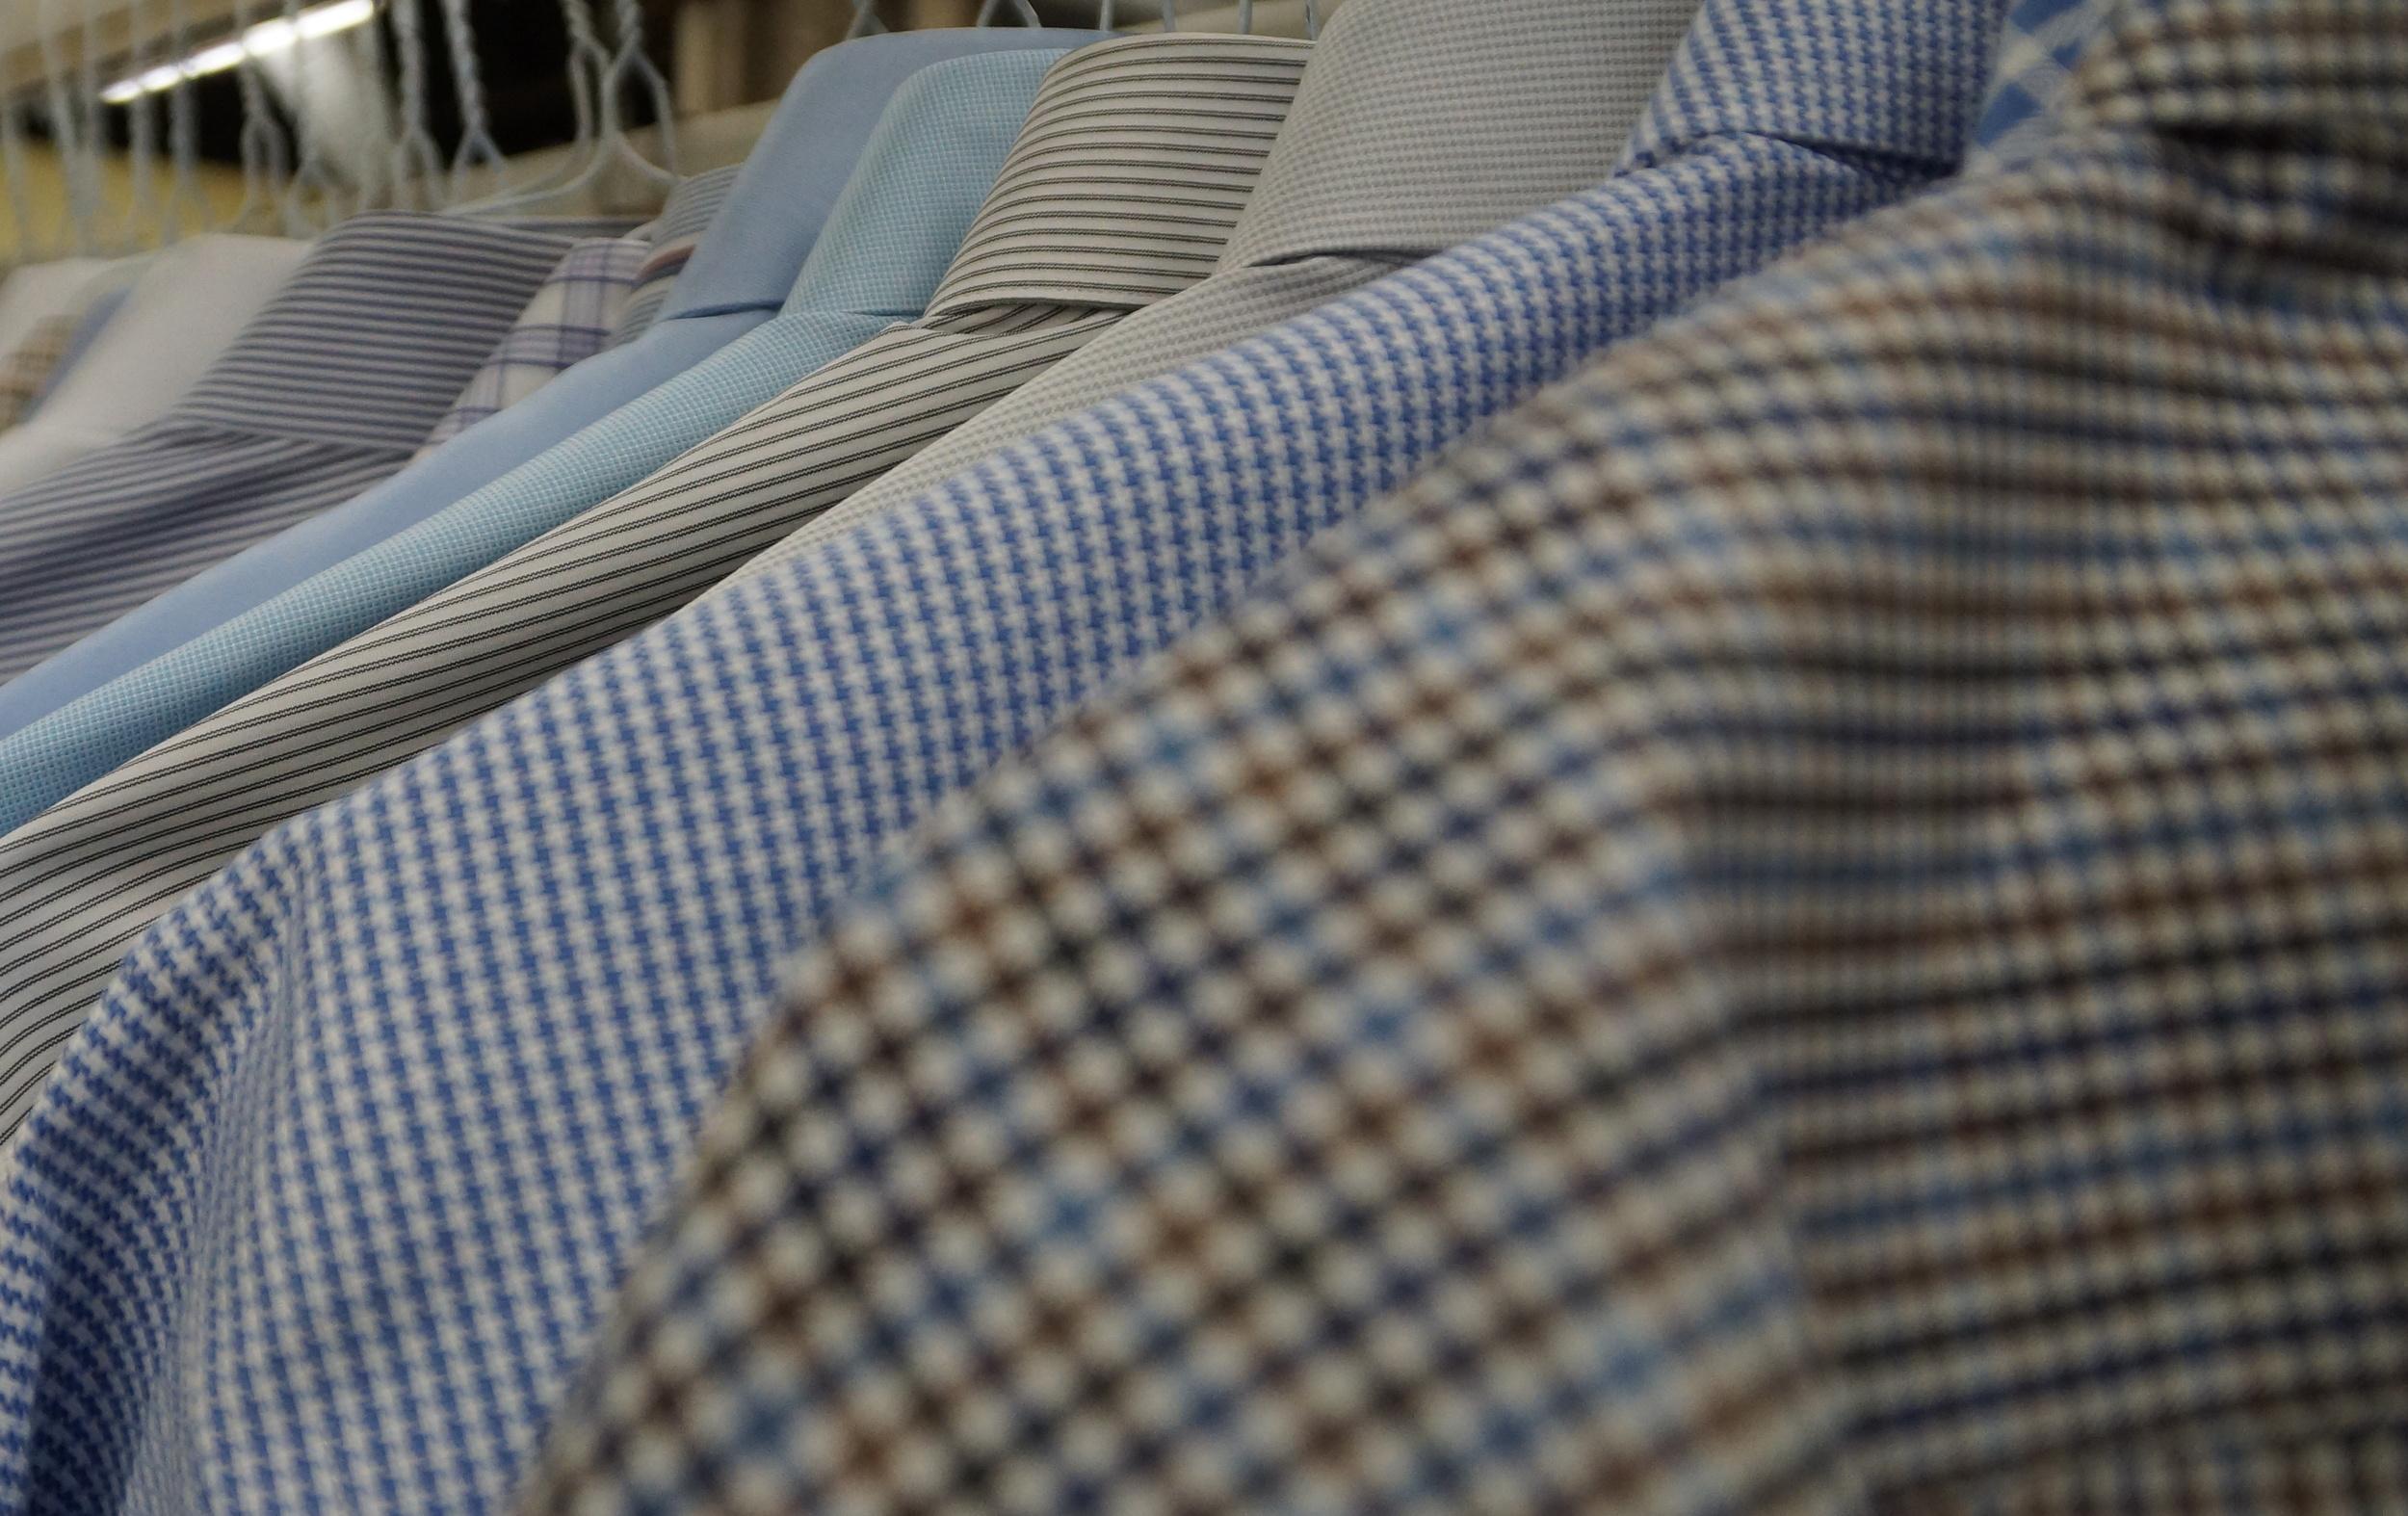 Laundered Shirts